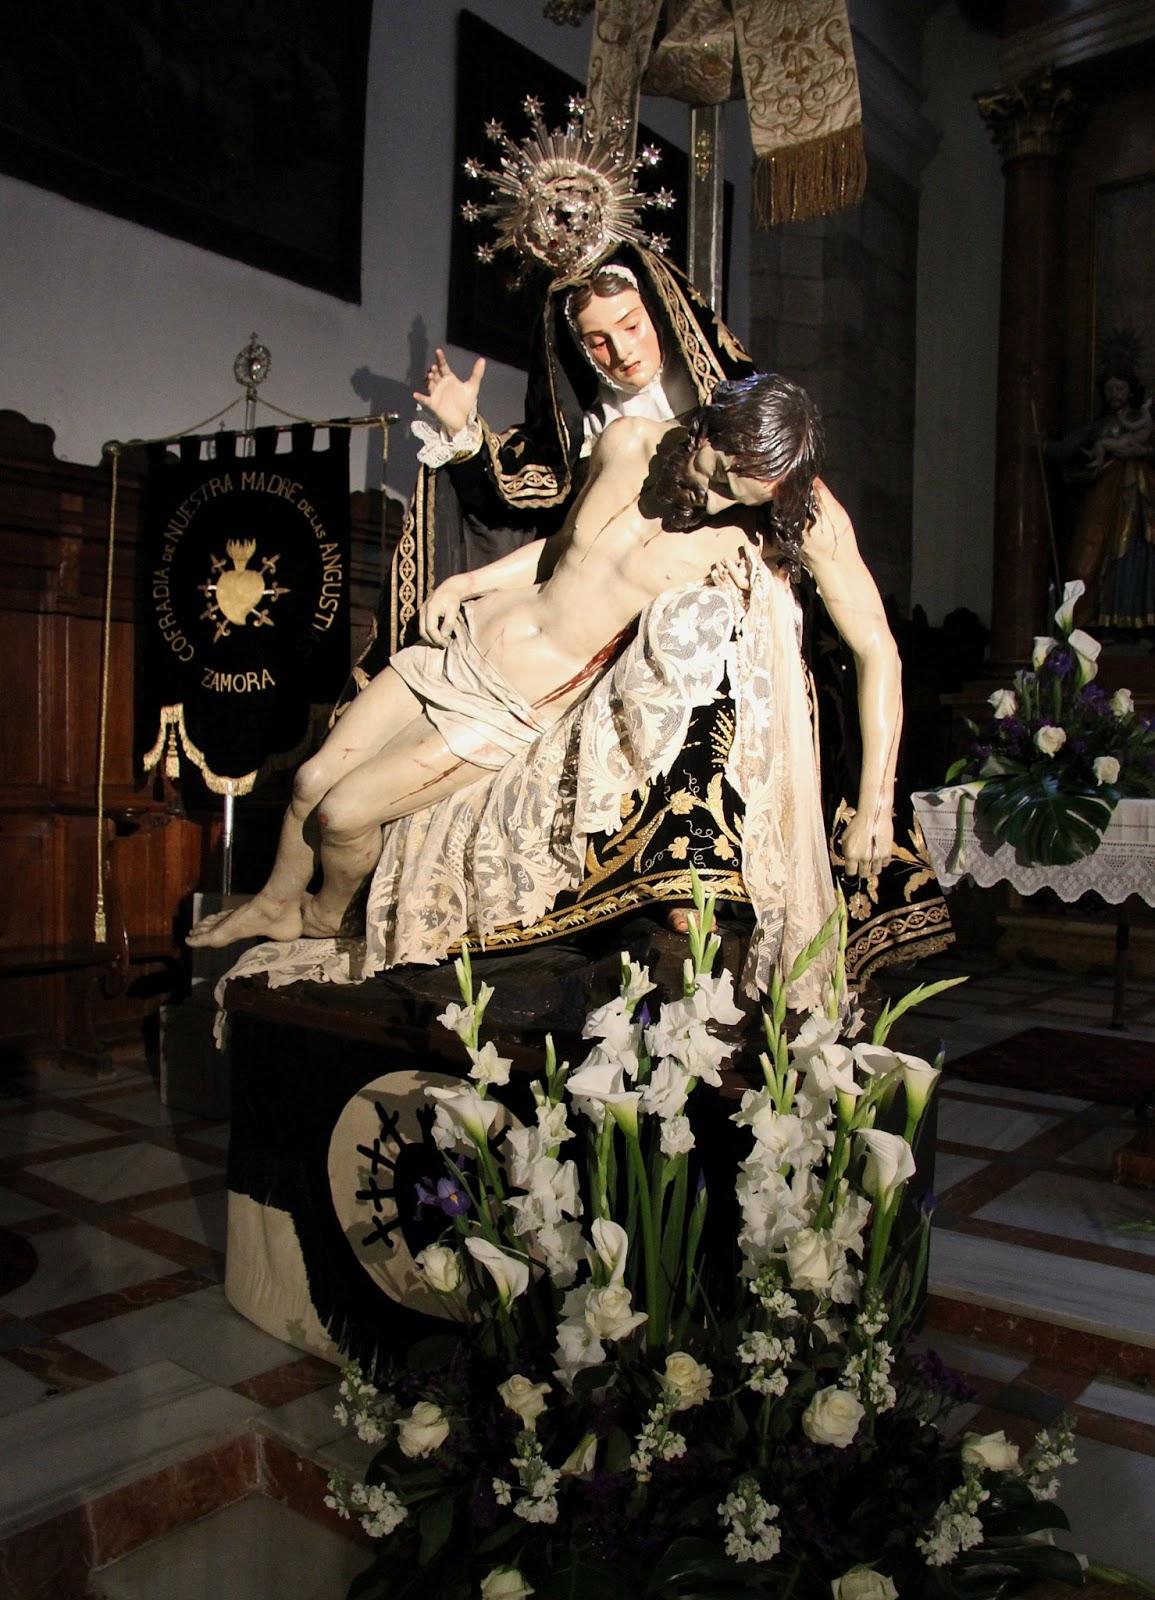 Alba y jesus en el stand de ana g en el feda - 5 7